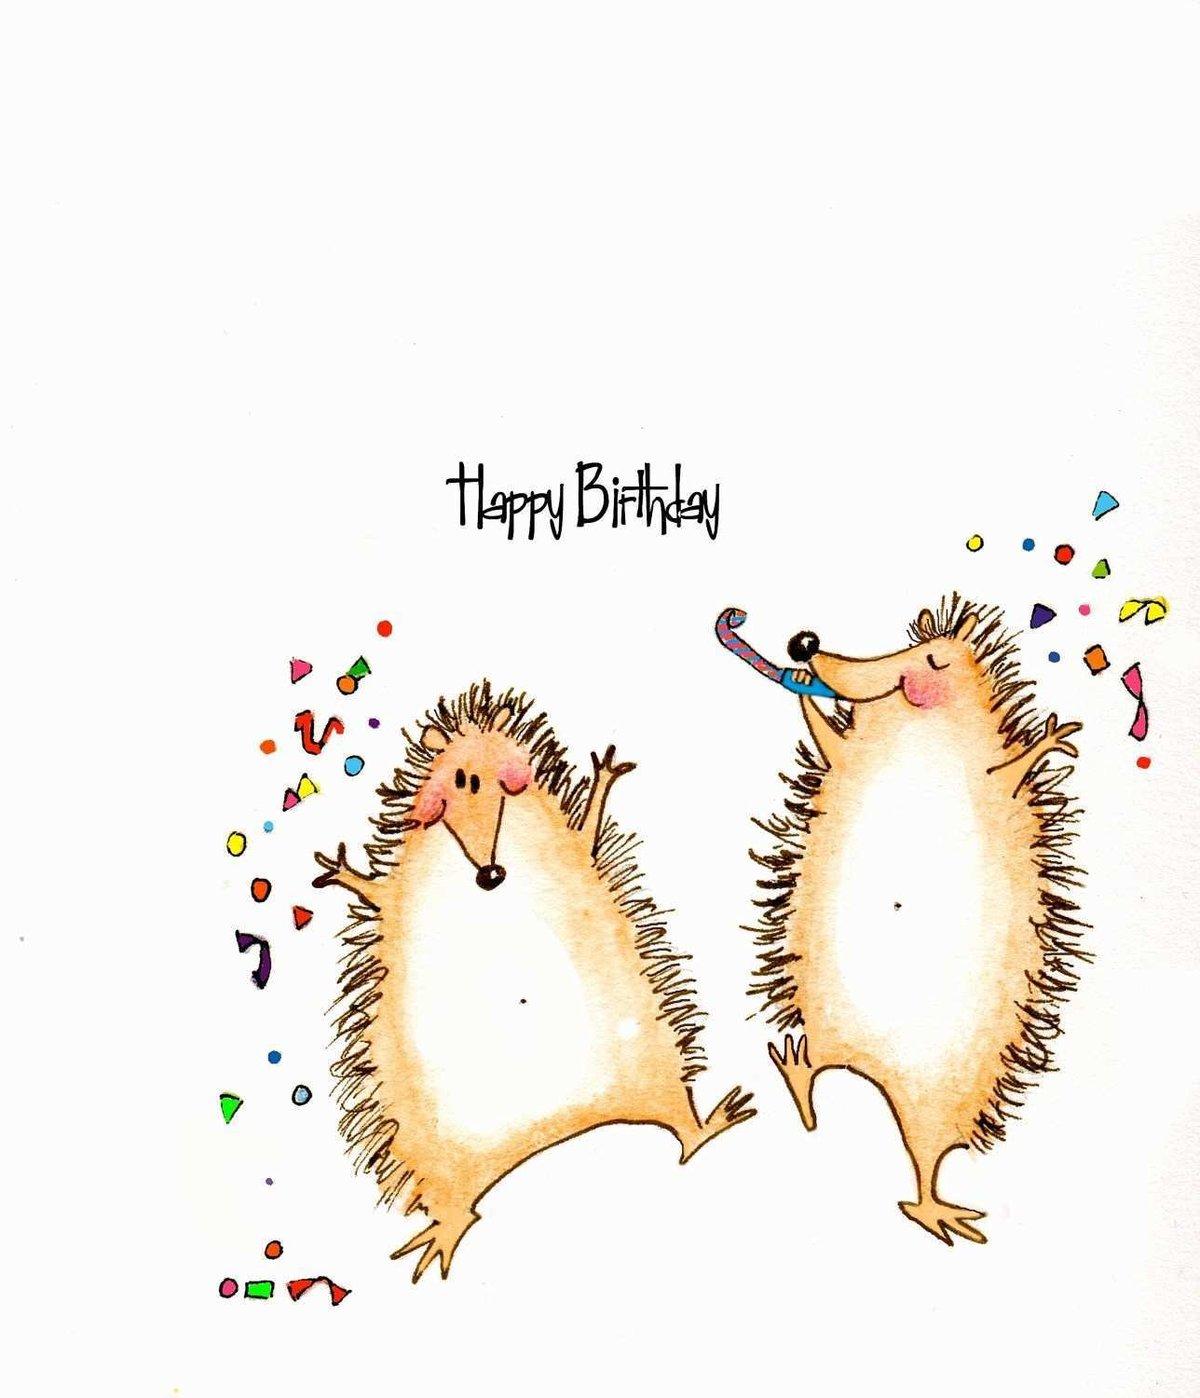 Поздравления с днем рождения прикольные картинки с ежиками